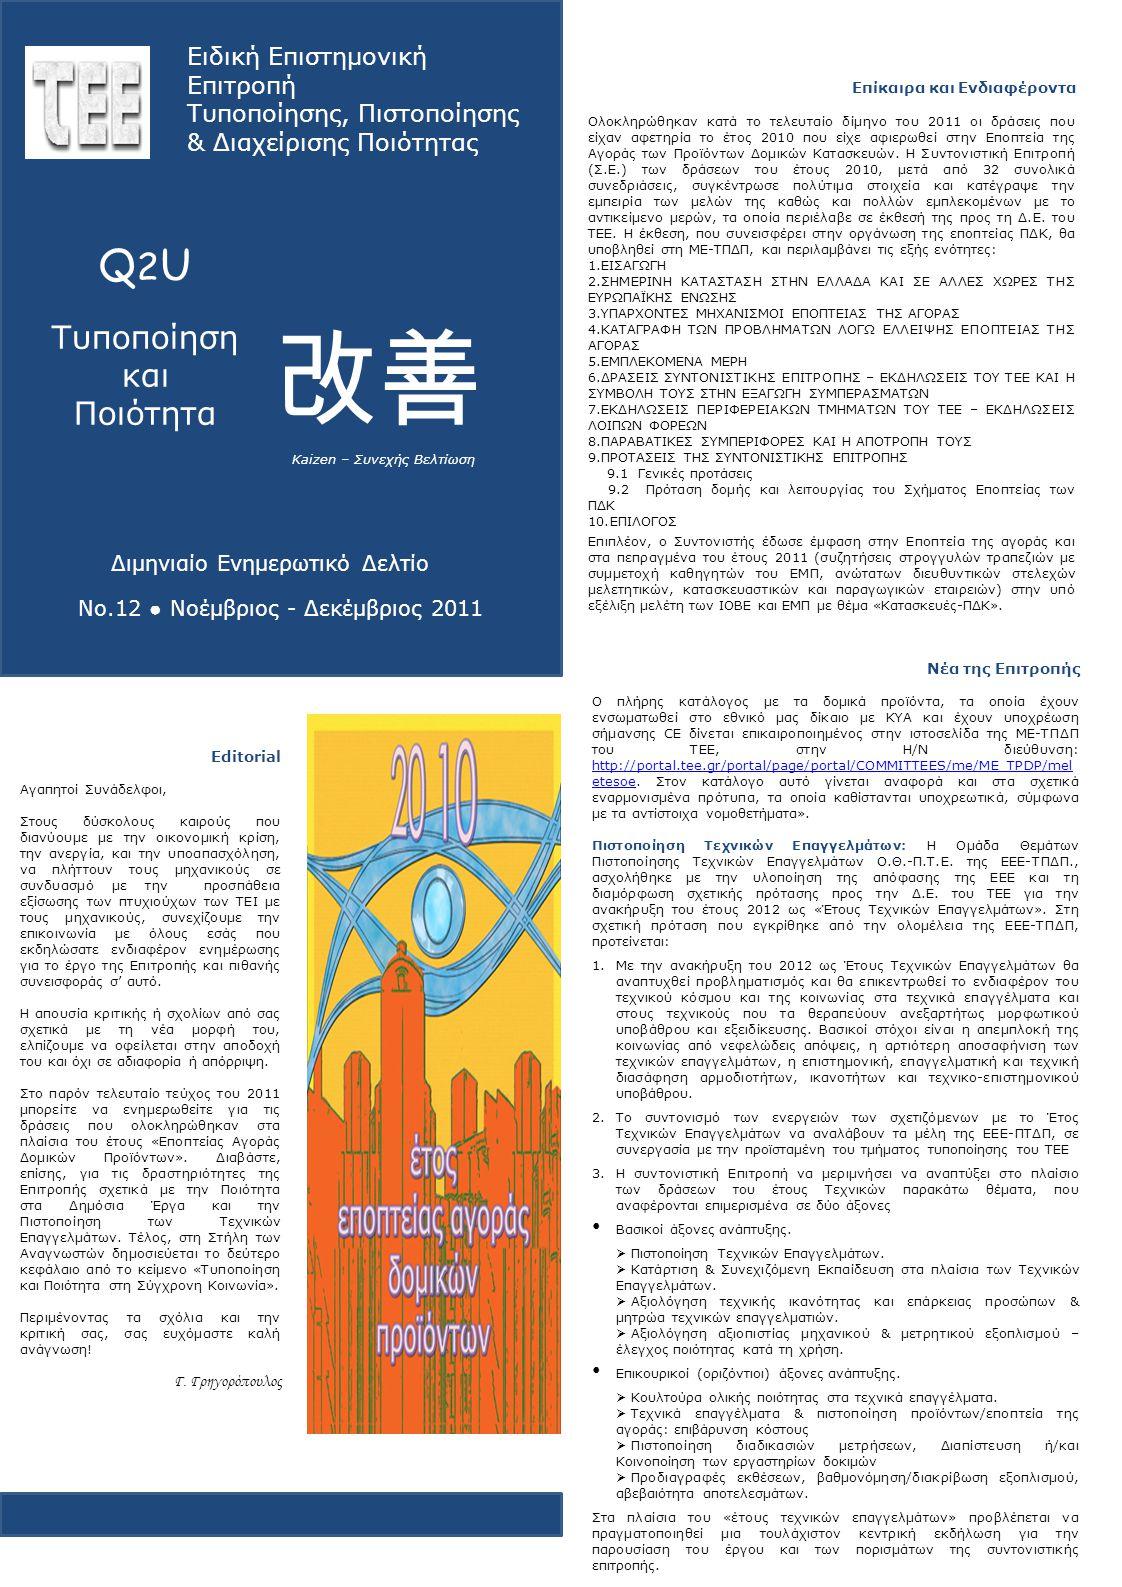 Ειδική Επιστημονική Επιτροπή Τυποποίησης, Πιστοποίησης & Διαχείρισης Ποιότητας Διμηνιαίο Ενημερωτικό Δελτίο Q 2 U Τυποποίηση και Ποιότητα Editorial Αγ